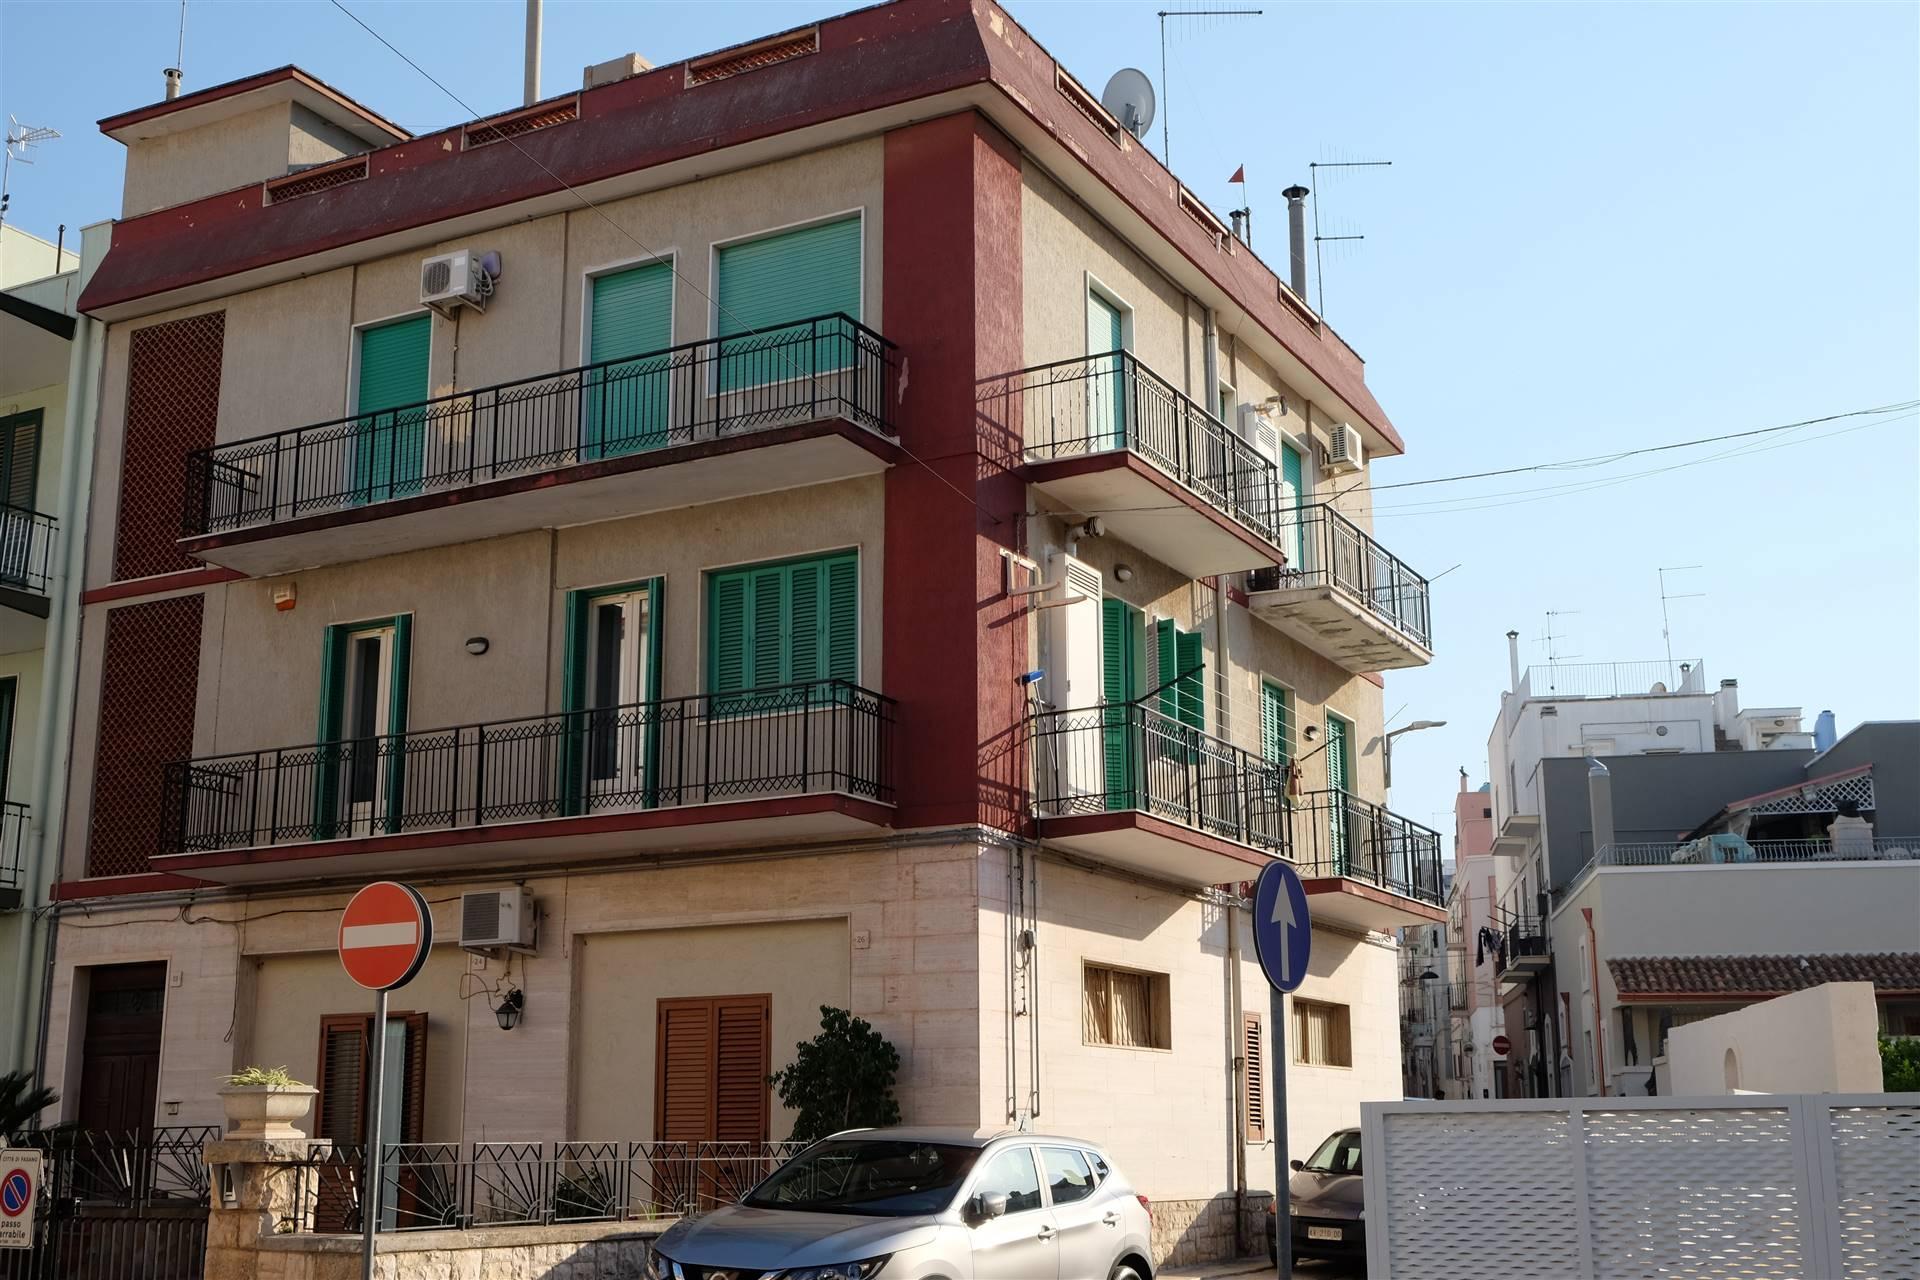 Case fasano, compro casa fasano in vendita e affitto su ...